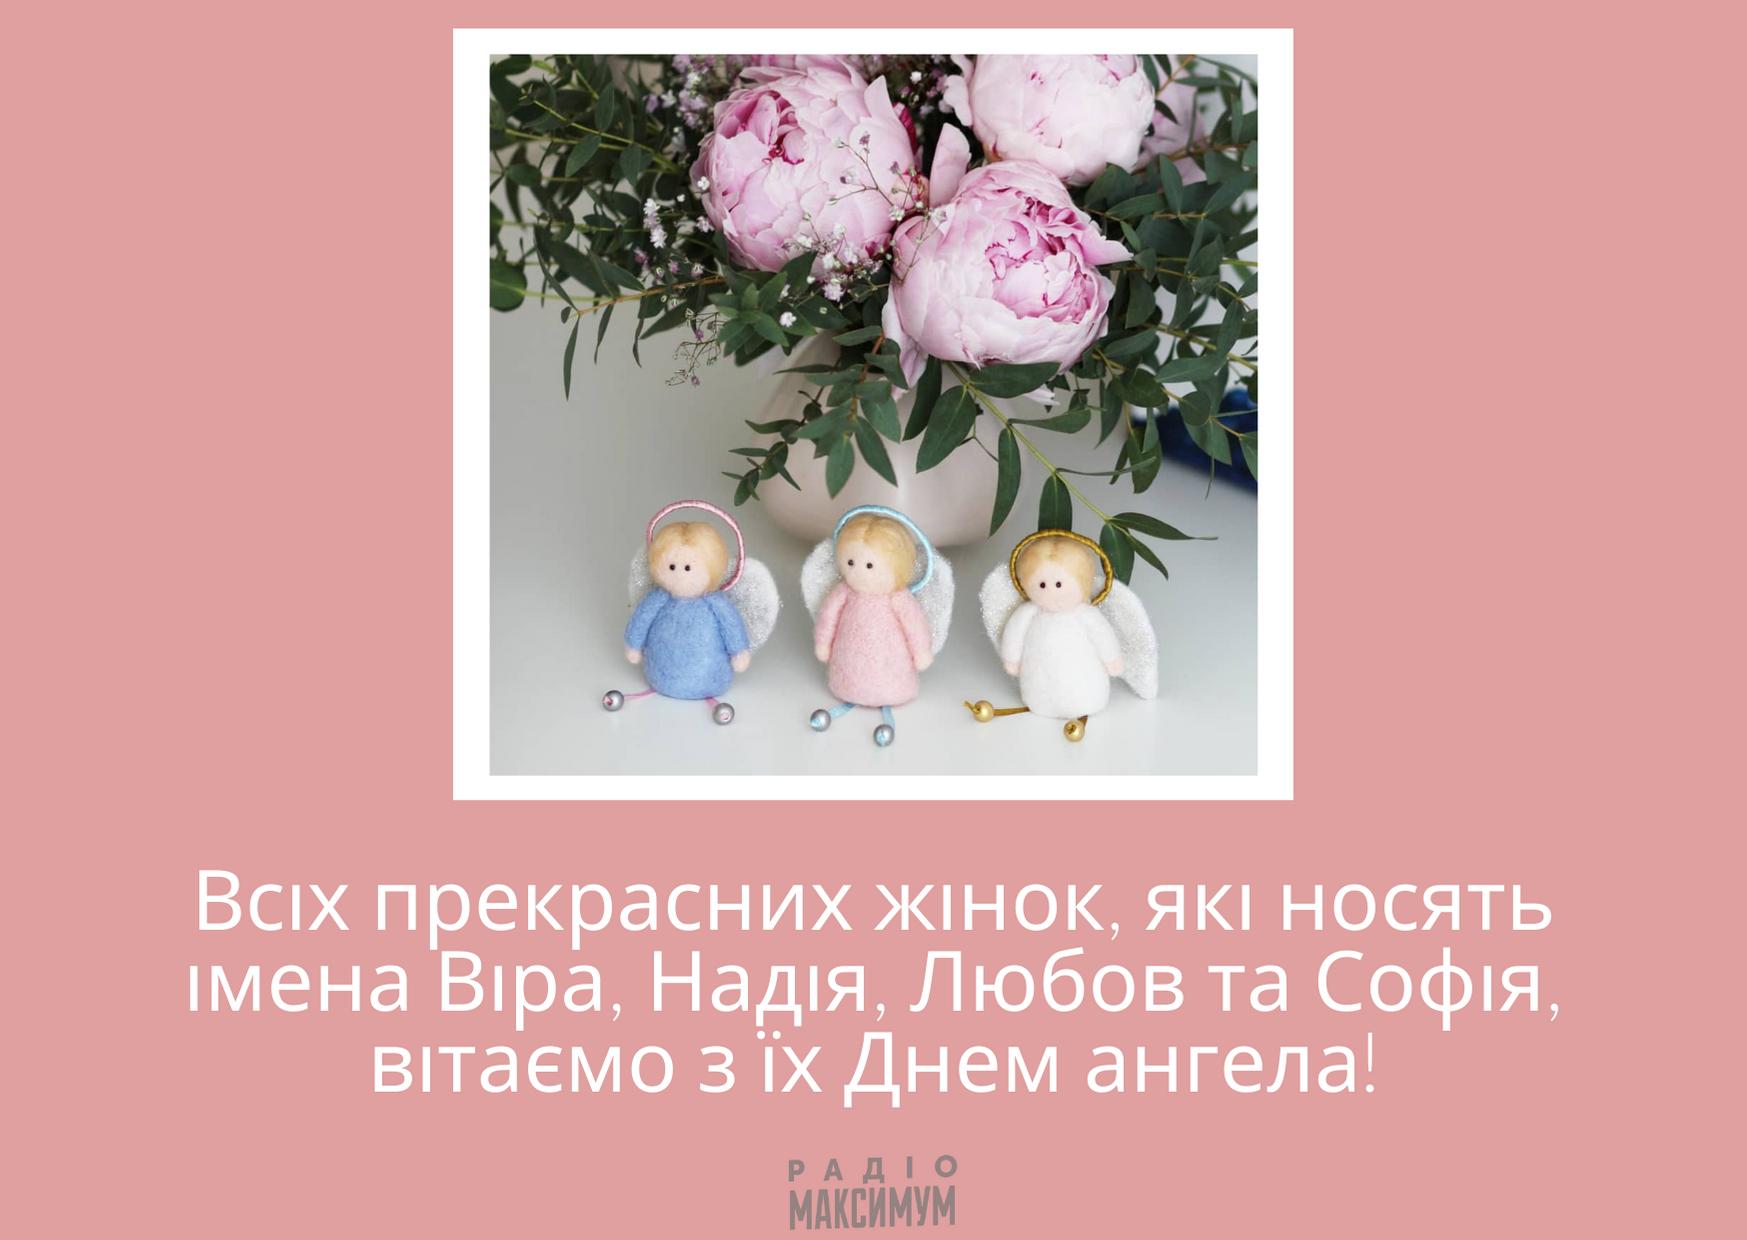 З Днем ангела Віри, Надії, Любові та Софії: привітання і картинки на  іменини - Радіо Максимум